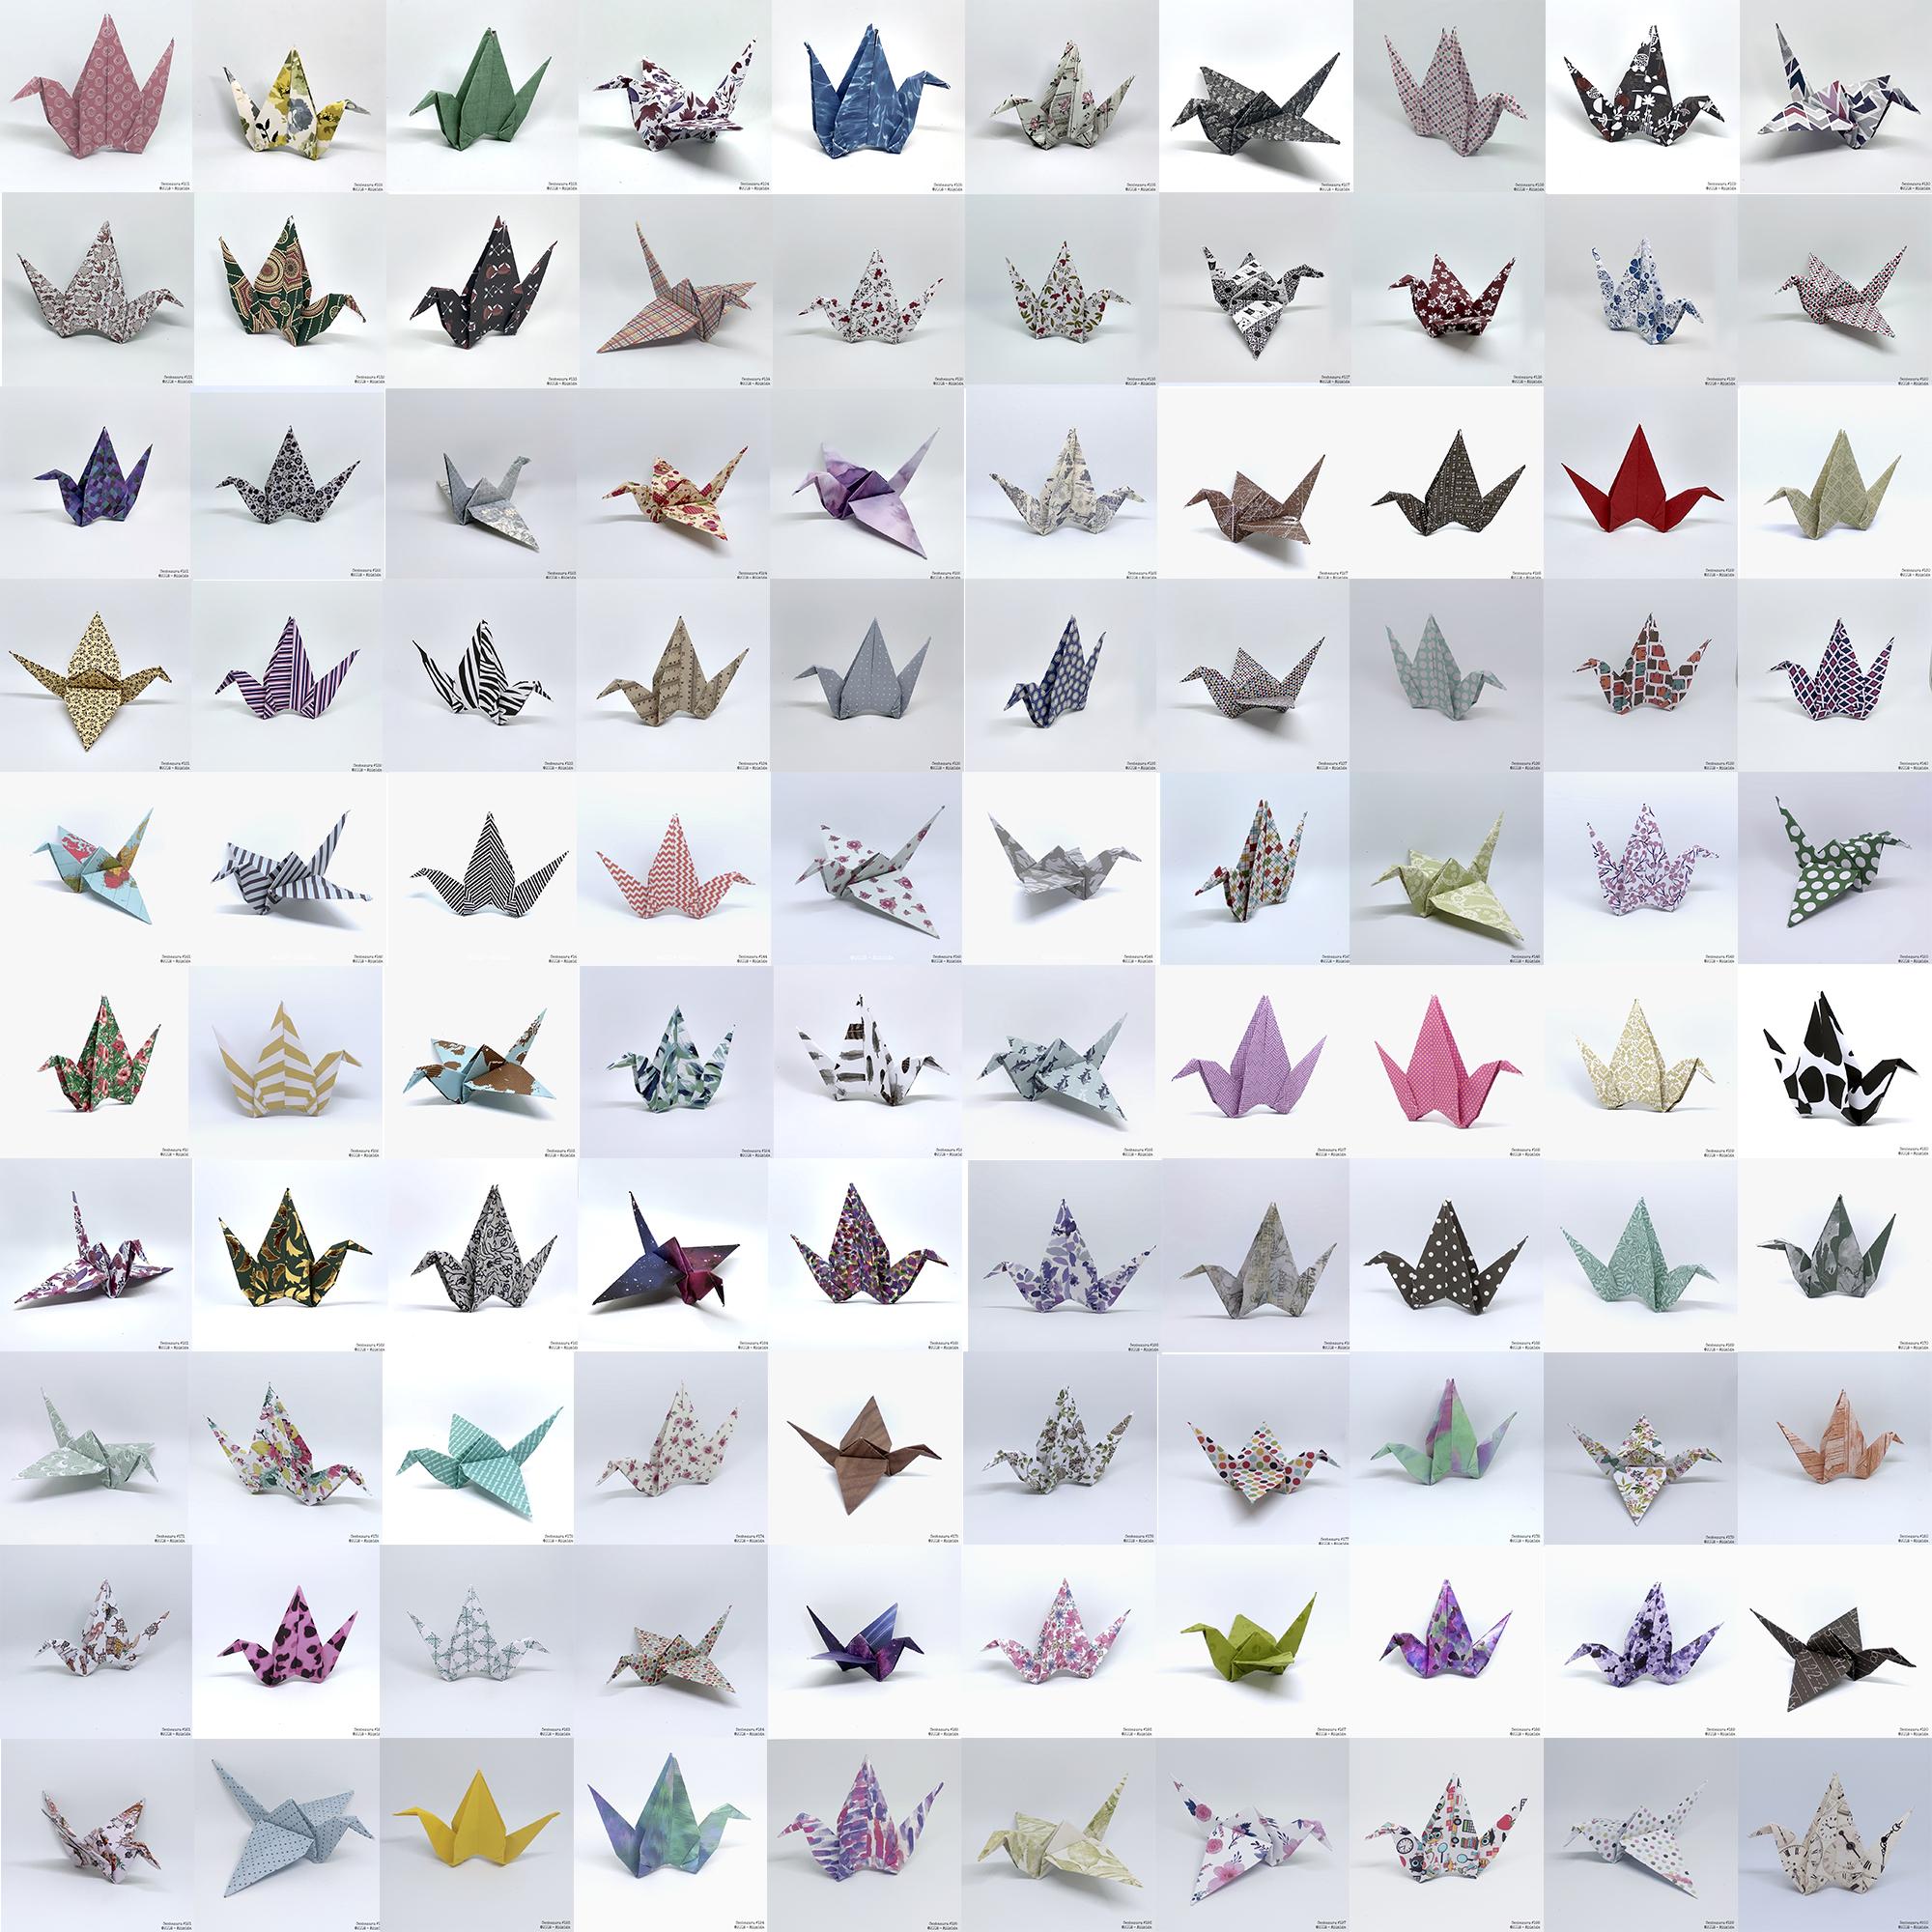 200 grullas de origami que ya pueden volar Atunida